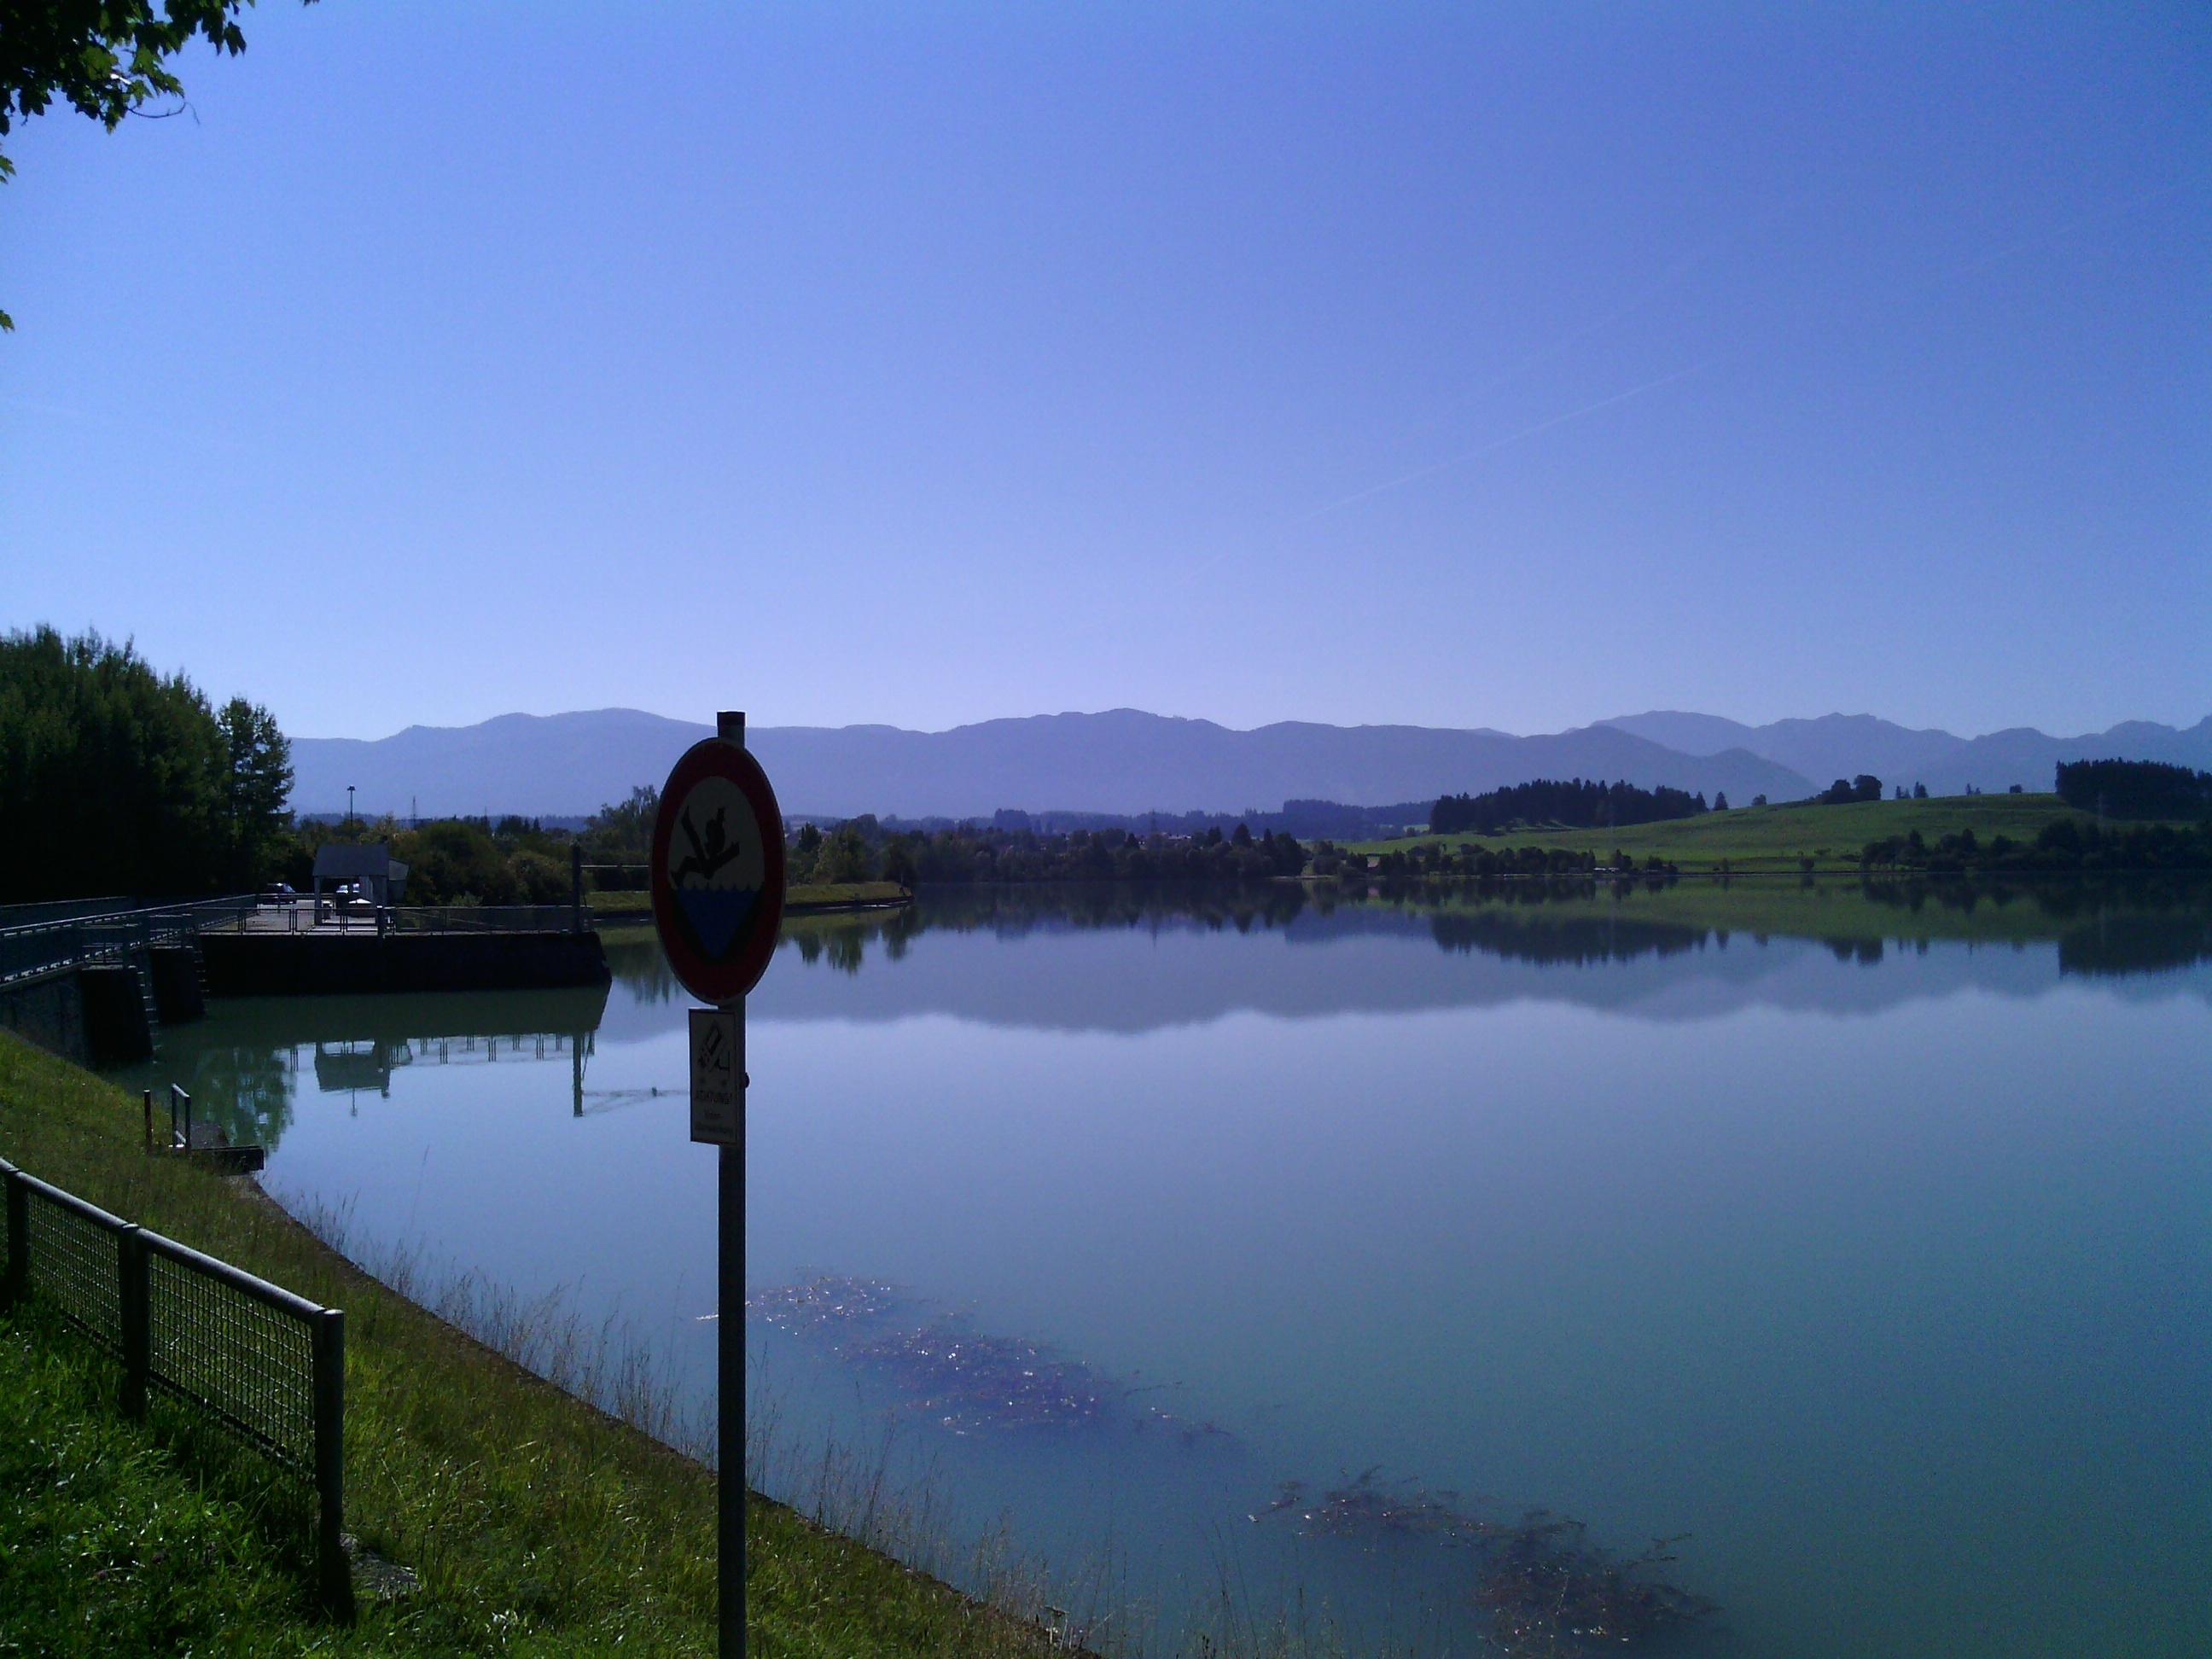 Hochwasserschutzanlage am Lech mit Alpenpanorama